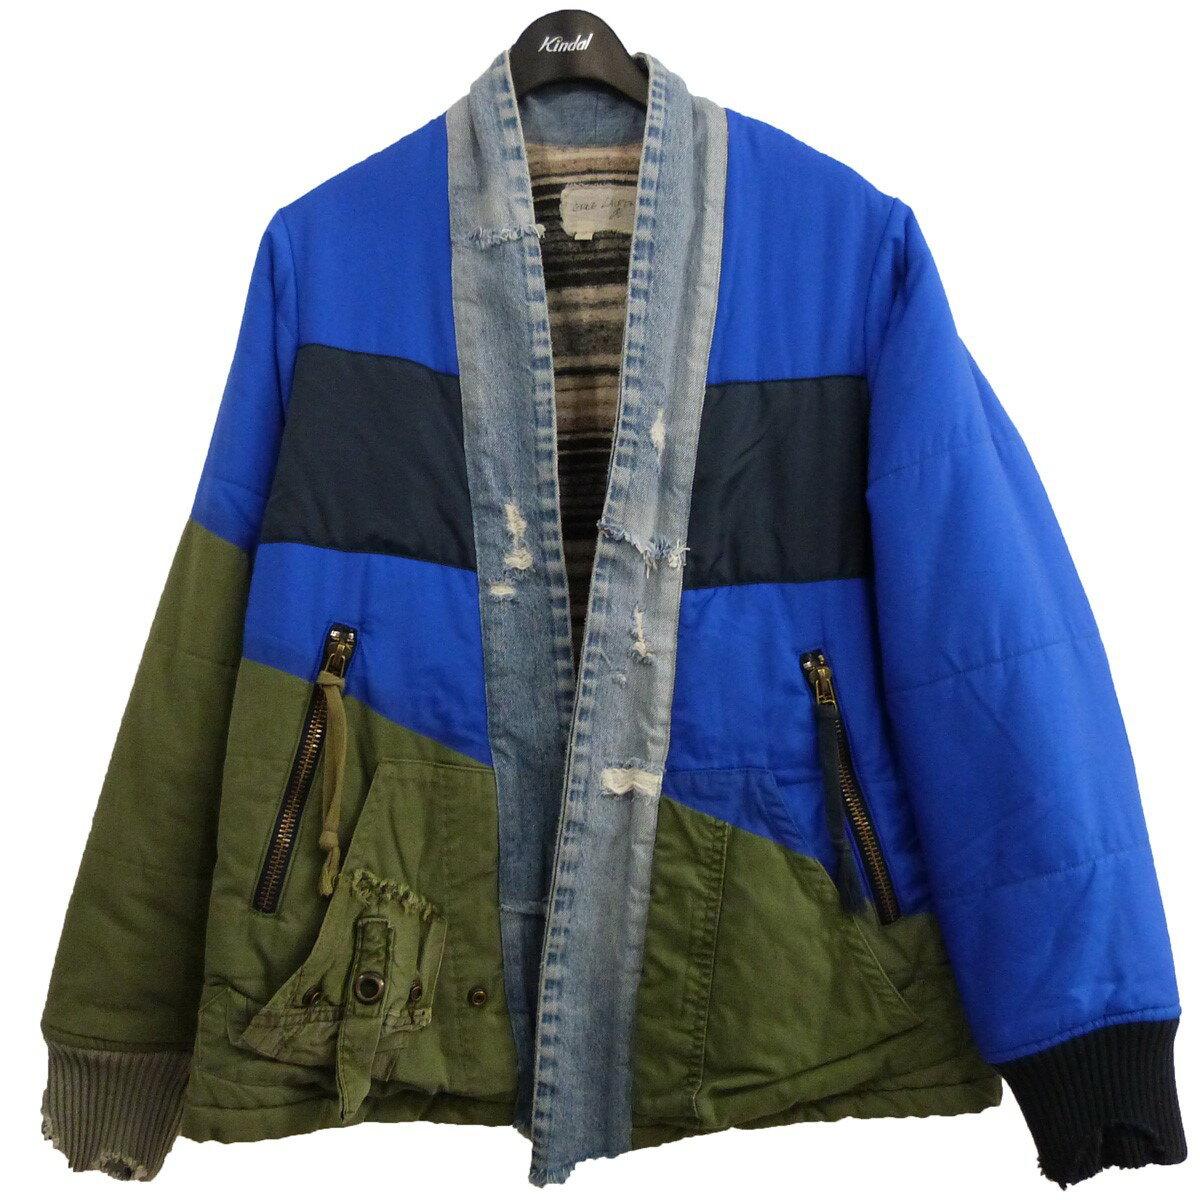 メンズファッション, コート・ジャケット GREG LAUREN 19AWARMY KIMONO PUFFY 2 131220